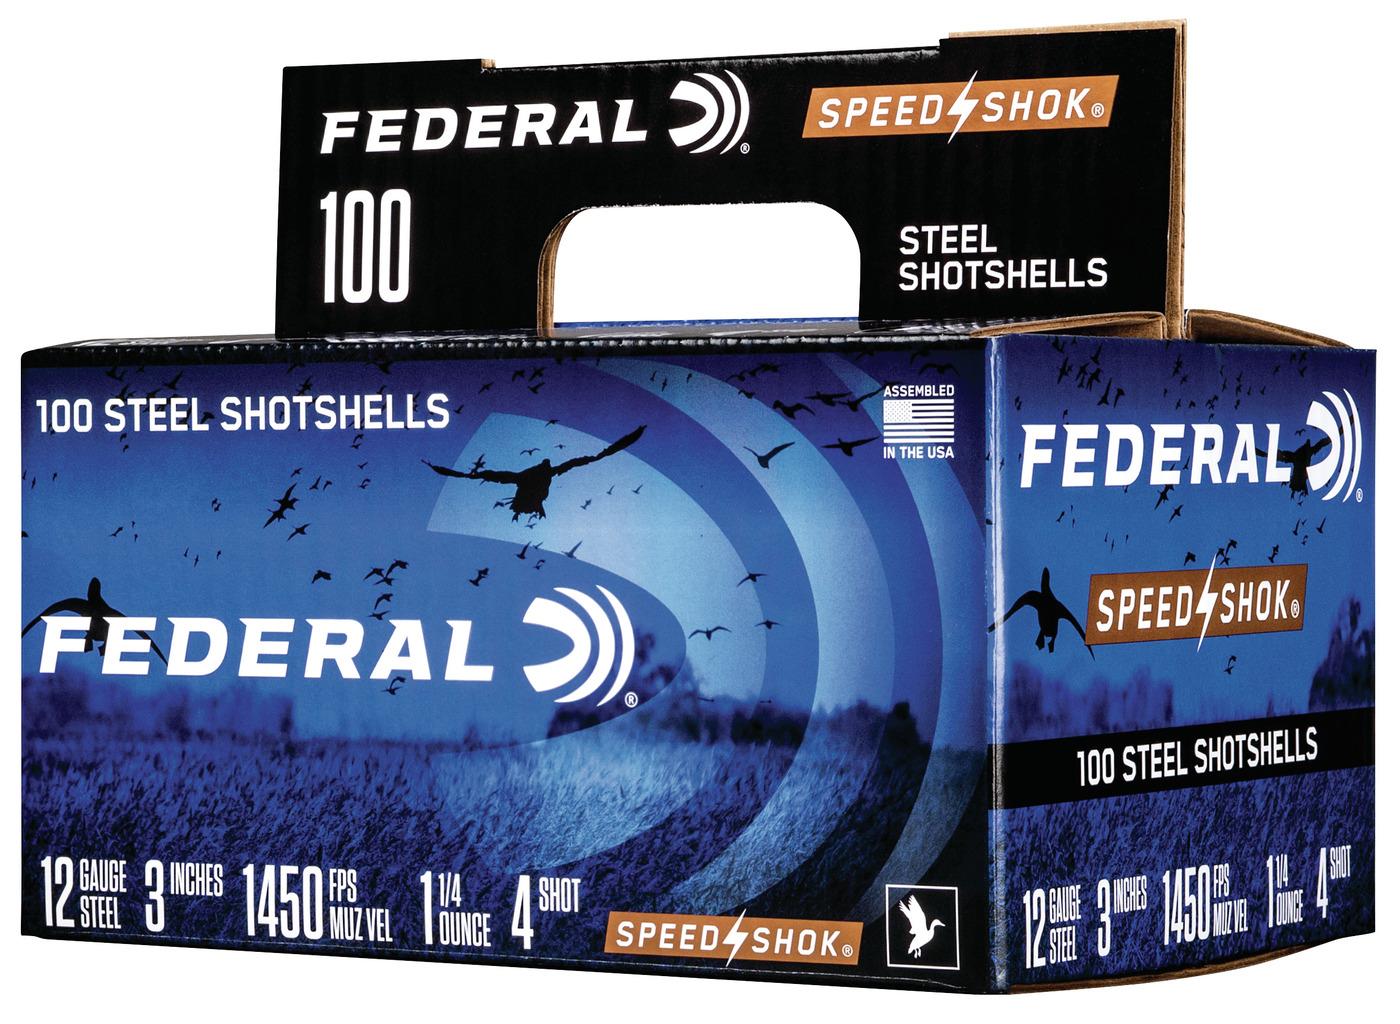 Speed-Shok 100-Packs